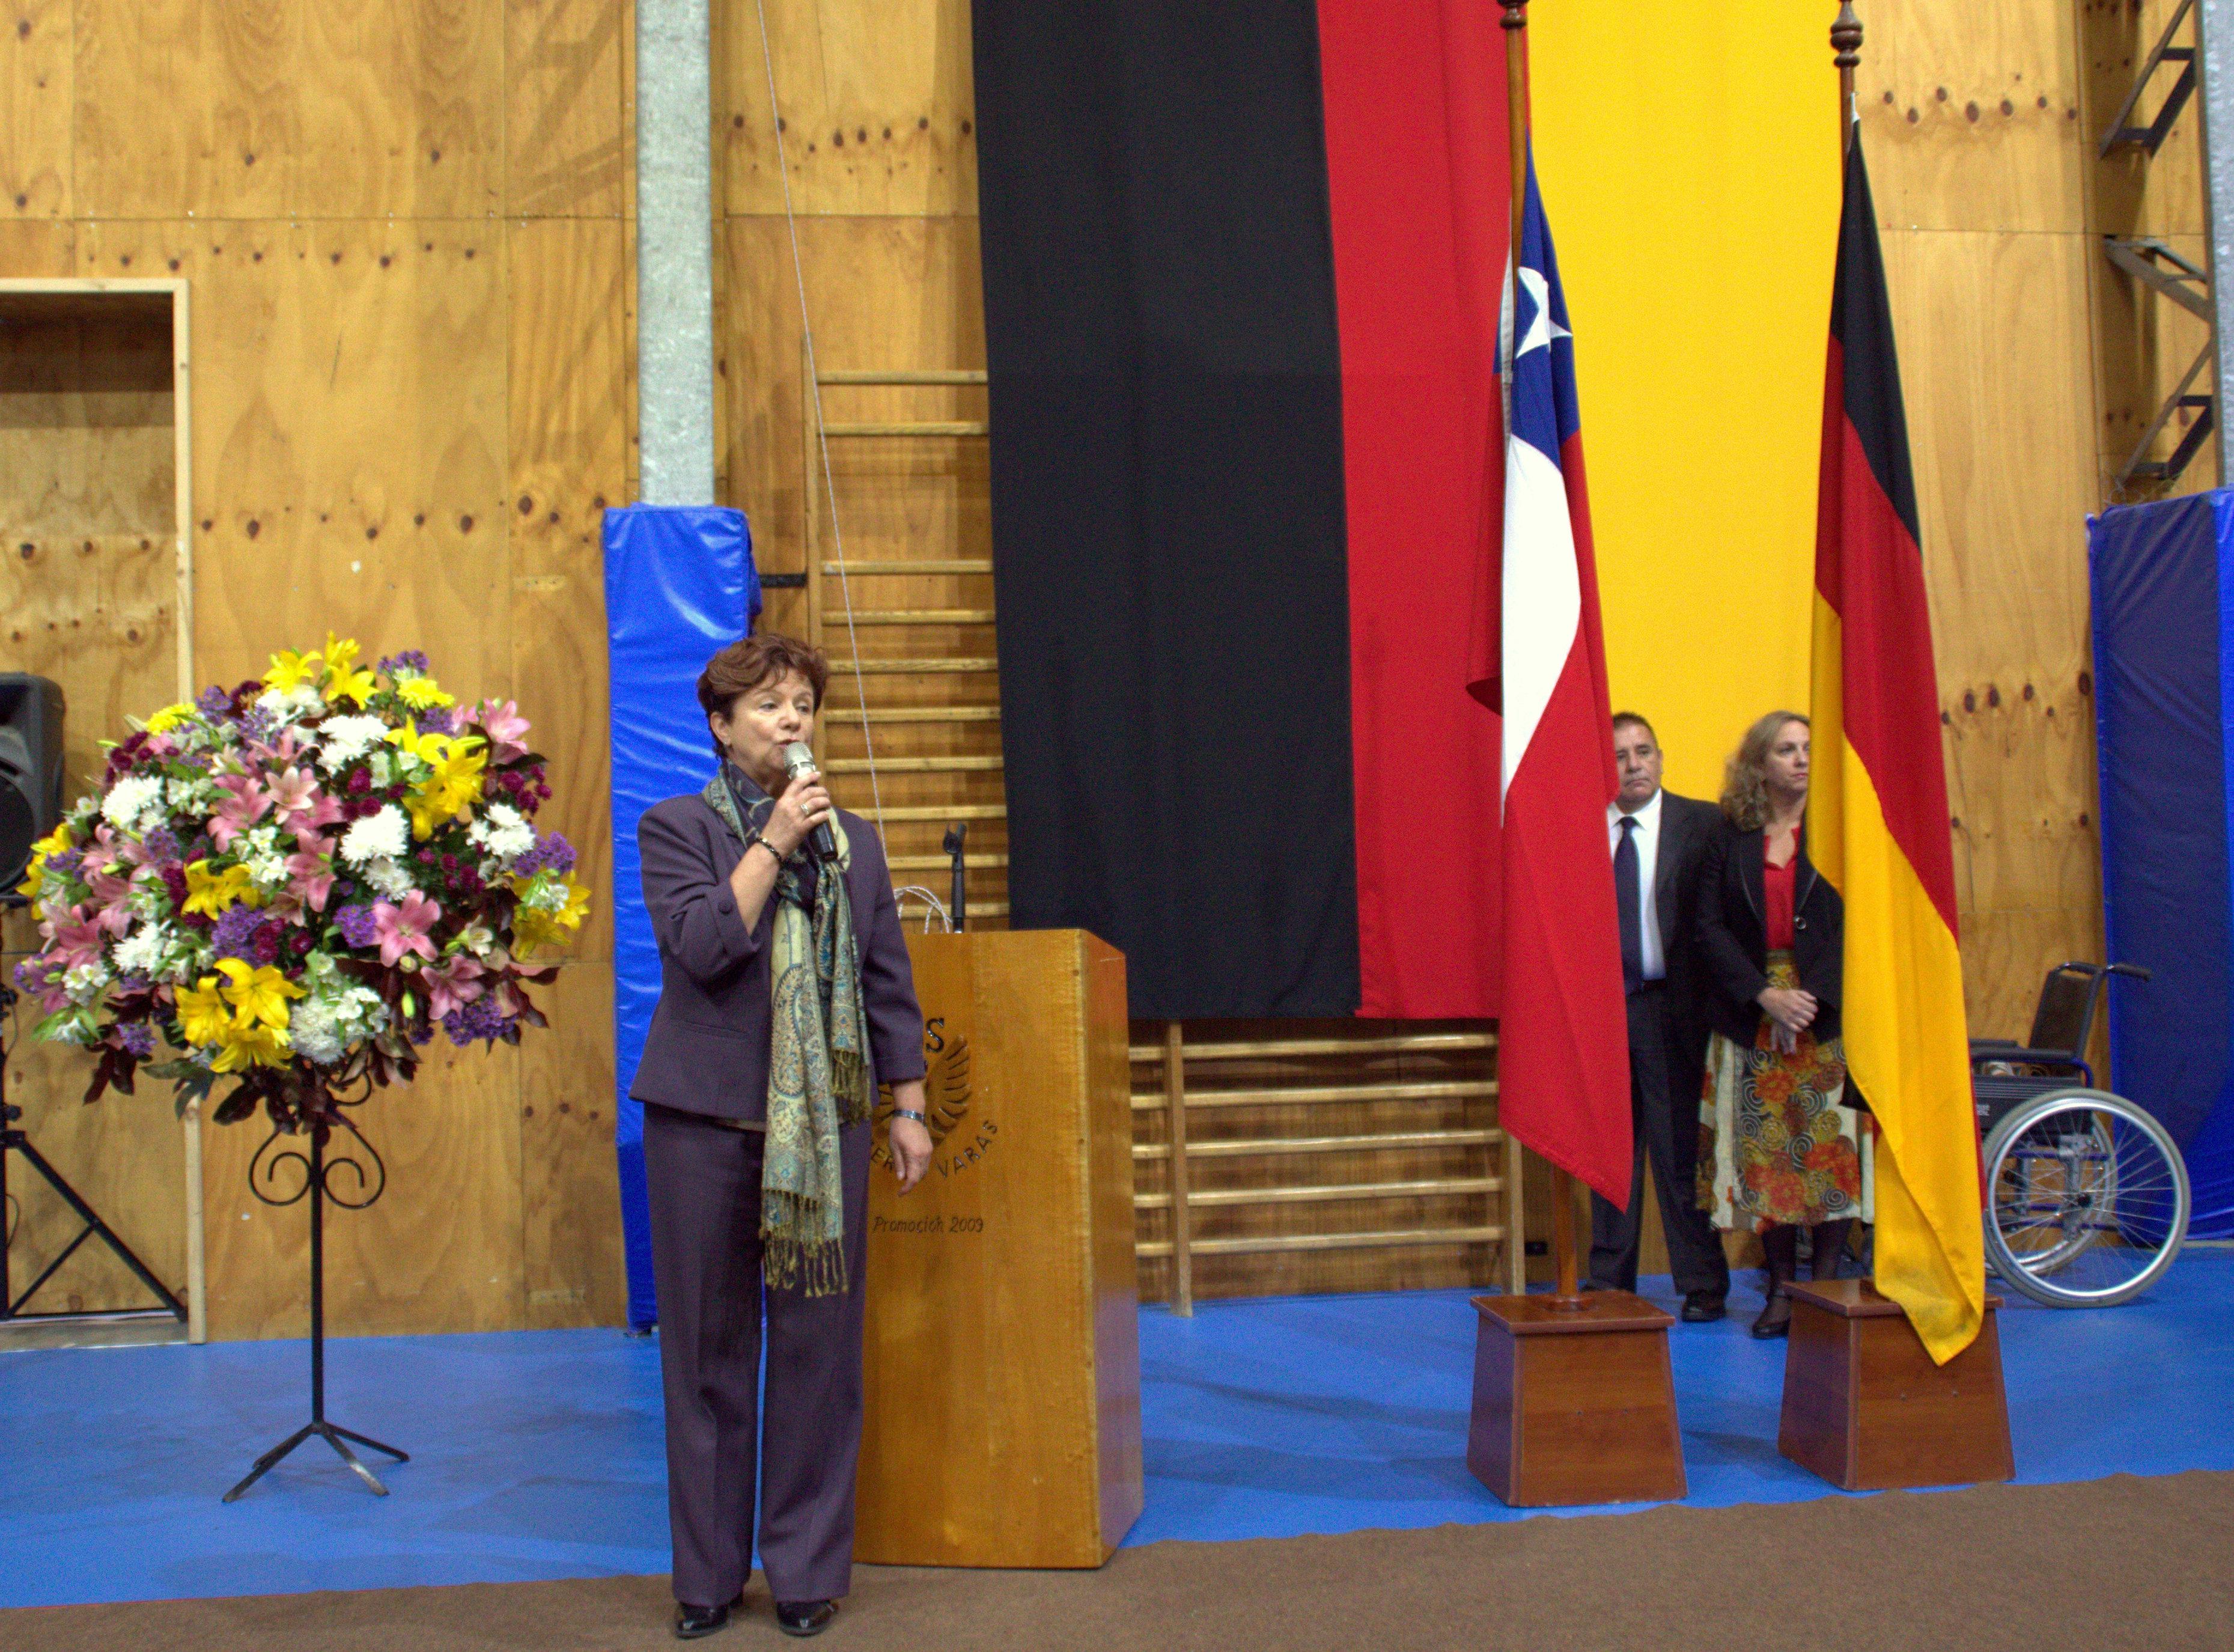 M. Eugenia Niemeyer con banderas en ceremonia padrinos